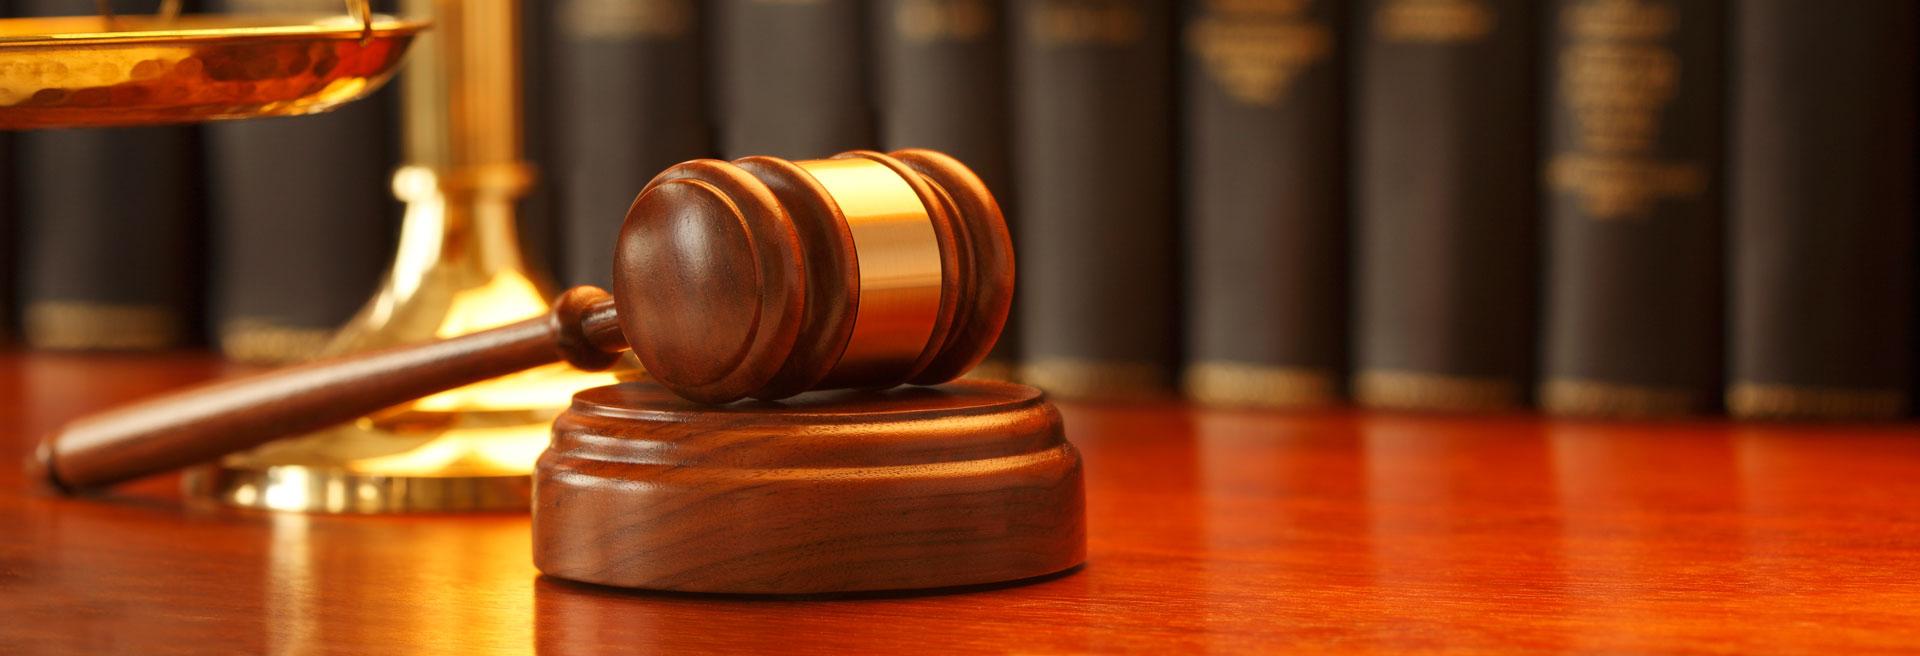 litigation-class-action-appeals-practice